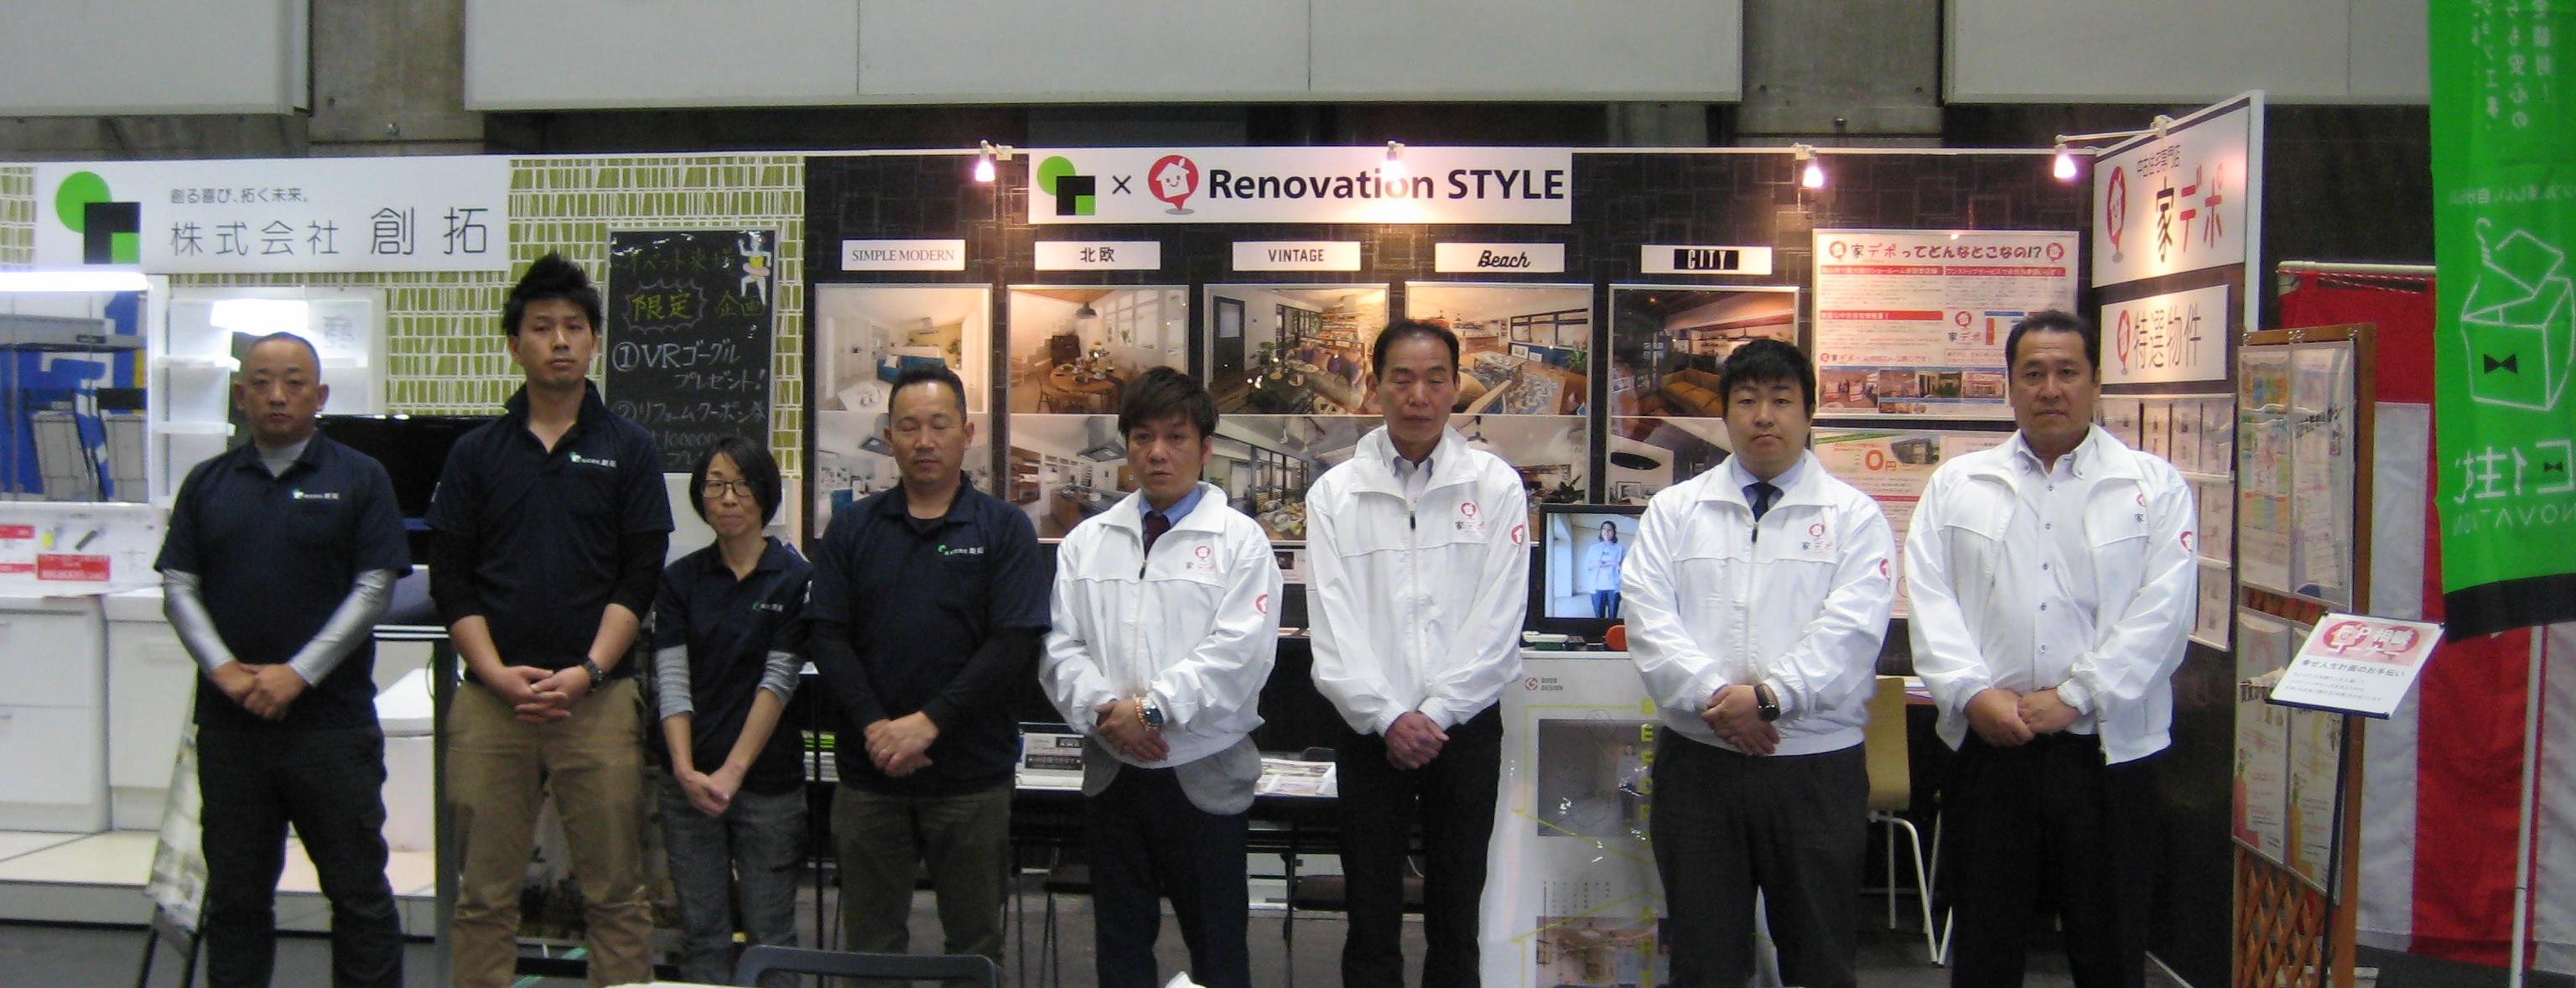 岡山、香川、創拓、家、住宅、リフォーム、リノベーション、修繕、修理、改築、改装、新築、中古、 TOTO、LIXIL、クリナップ、イベント、フェア、コンベックス、大手、VR